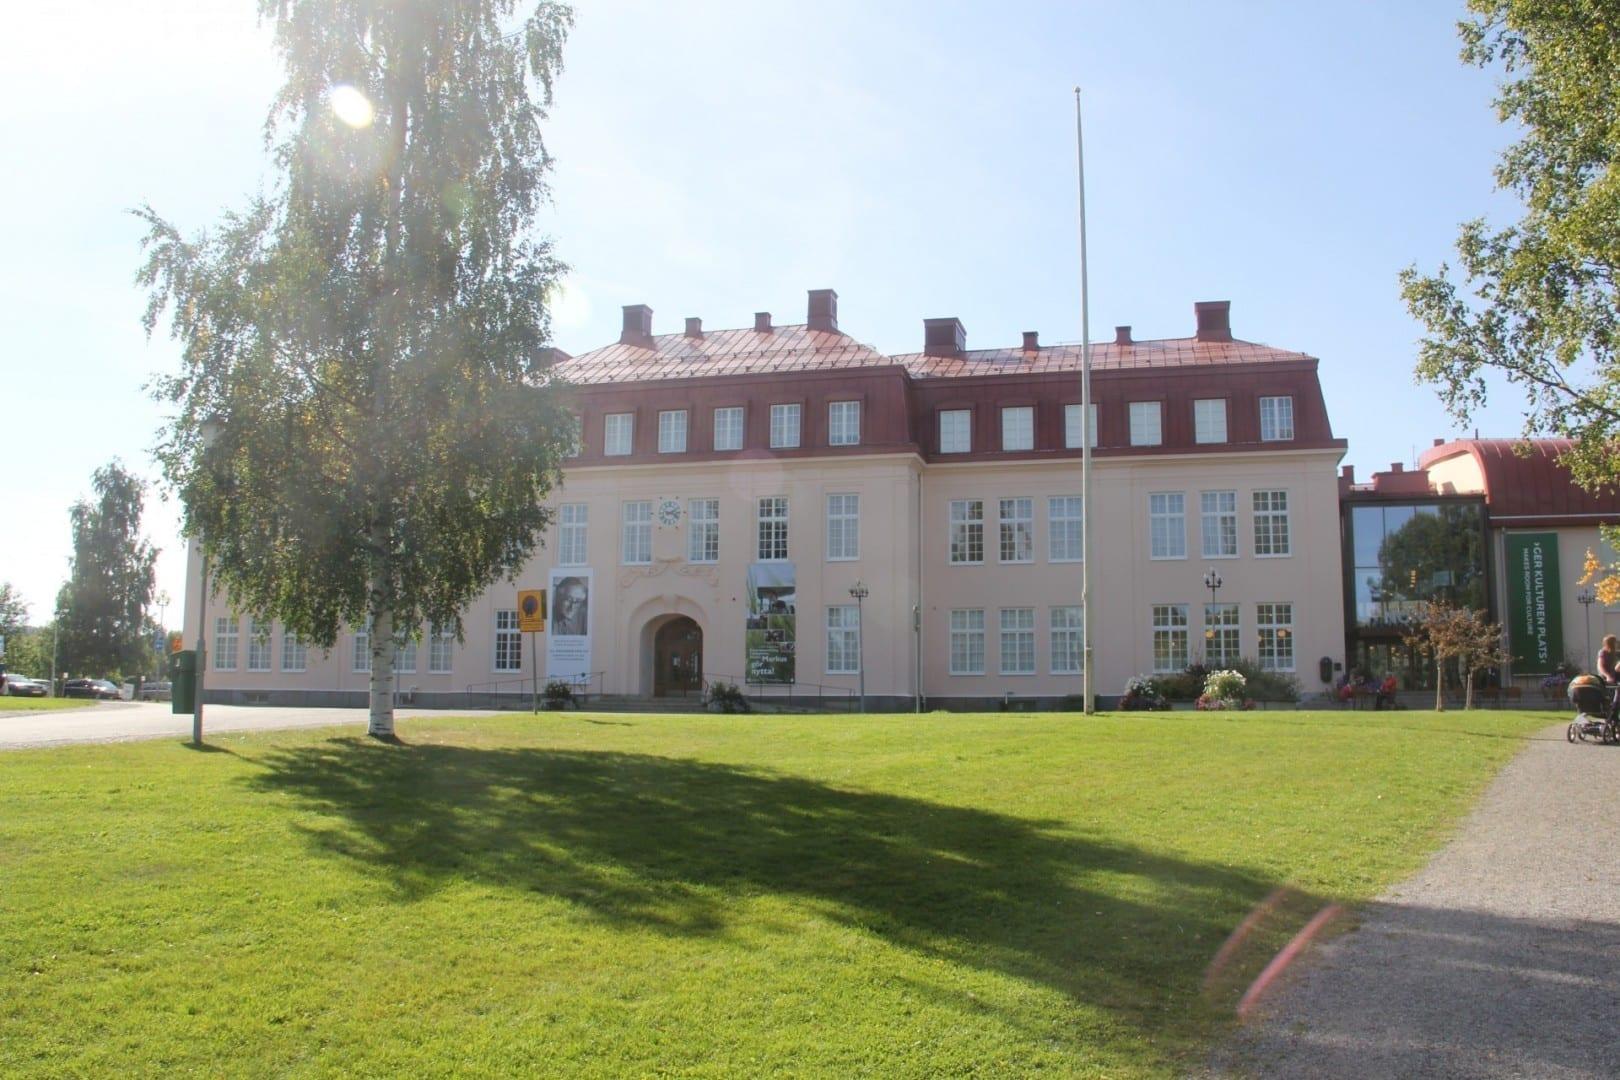 Museo de Skellefteå Skellefteå Suecia